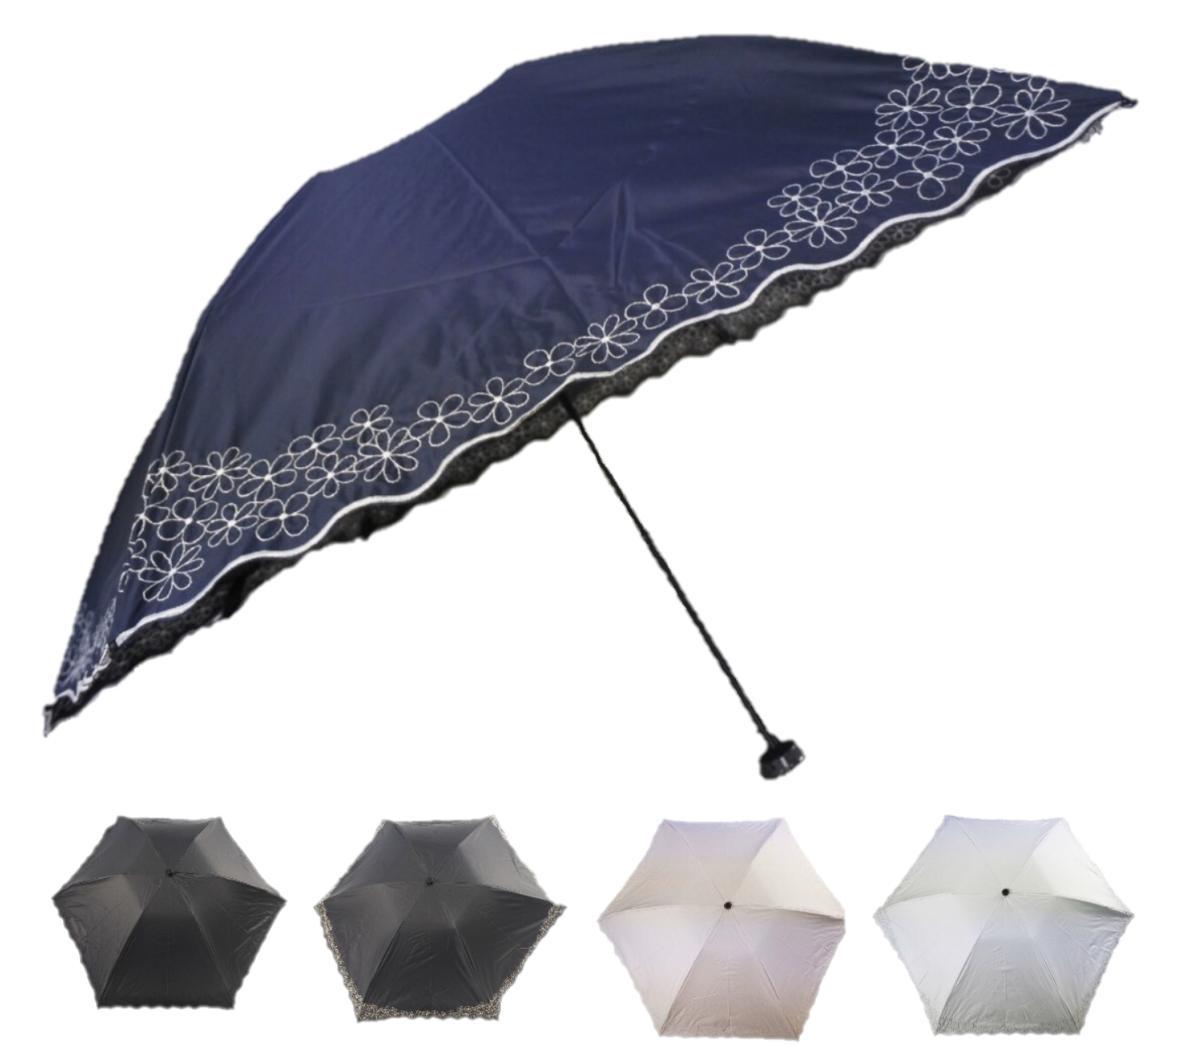 遮光率99.99%以上 一級遮光生地使用 新作からSALEアイテム等お得な商品 満載 カーボン骨使用のため軽量になっており 持ち運びにも便利 デザインは全駒の裾に小花の刺繍がグルっと回っていて豪華な作りになっています アウトレットセール 特集 送料無料 晴雨兼用ミニ傘 軽量 カーボンミニ 一級遮光 遮光率99.99% 紫外線対策 折り畳み傘 全駒裾小花刺繍